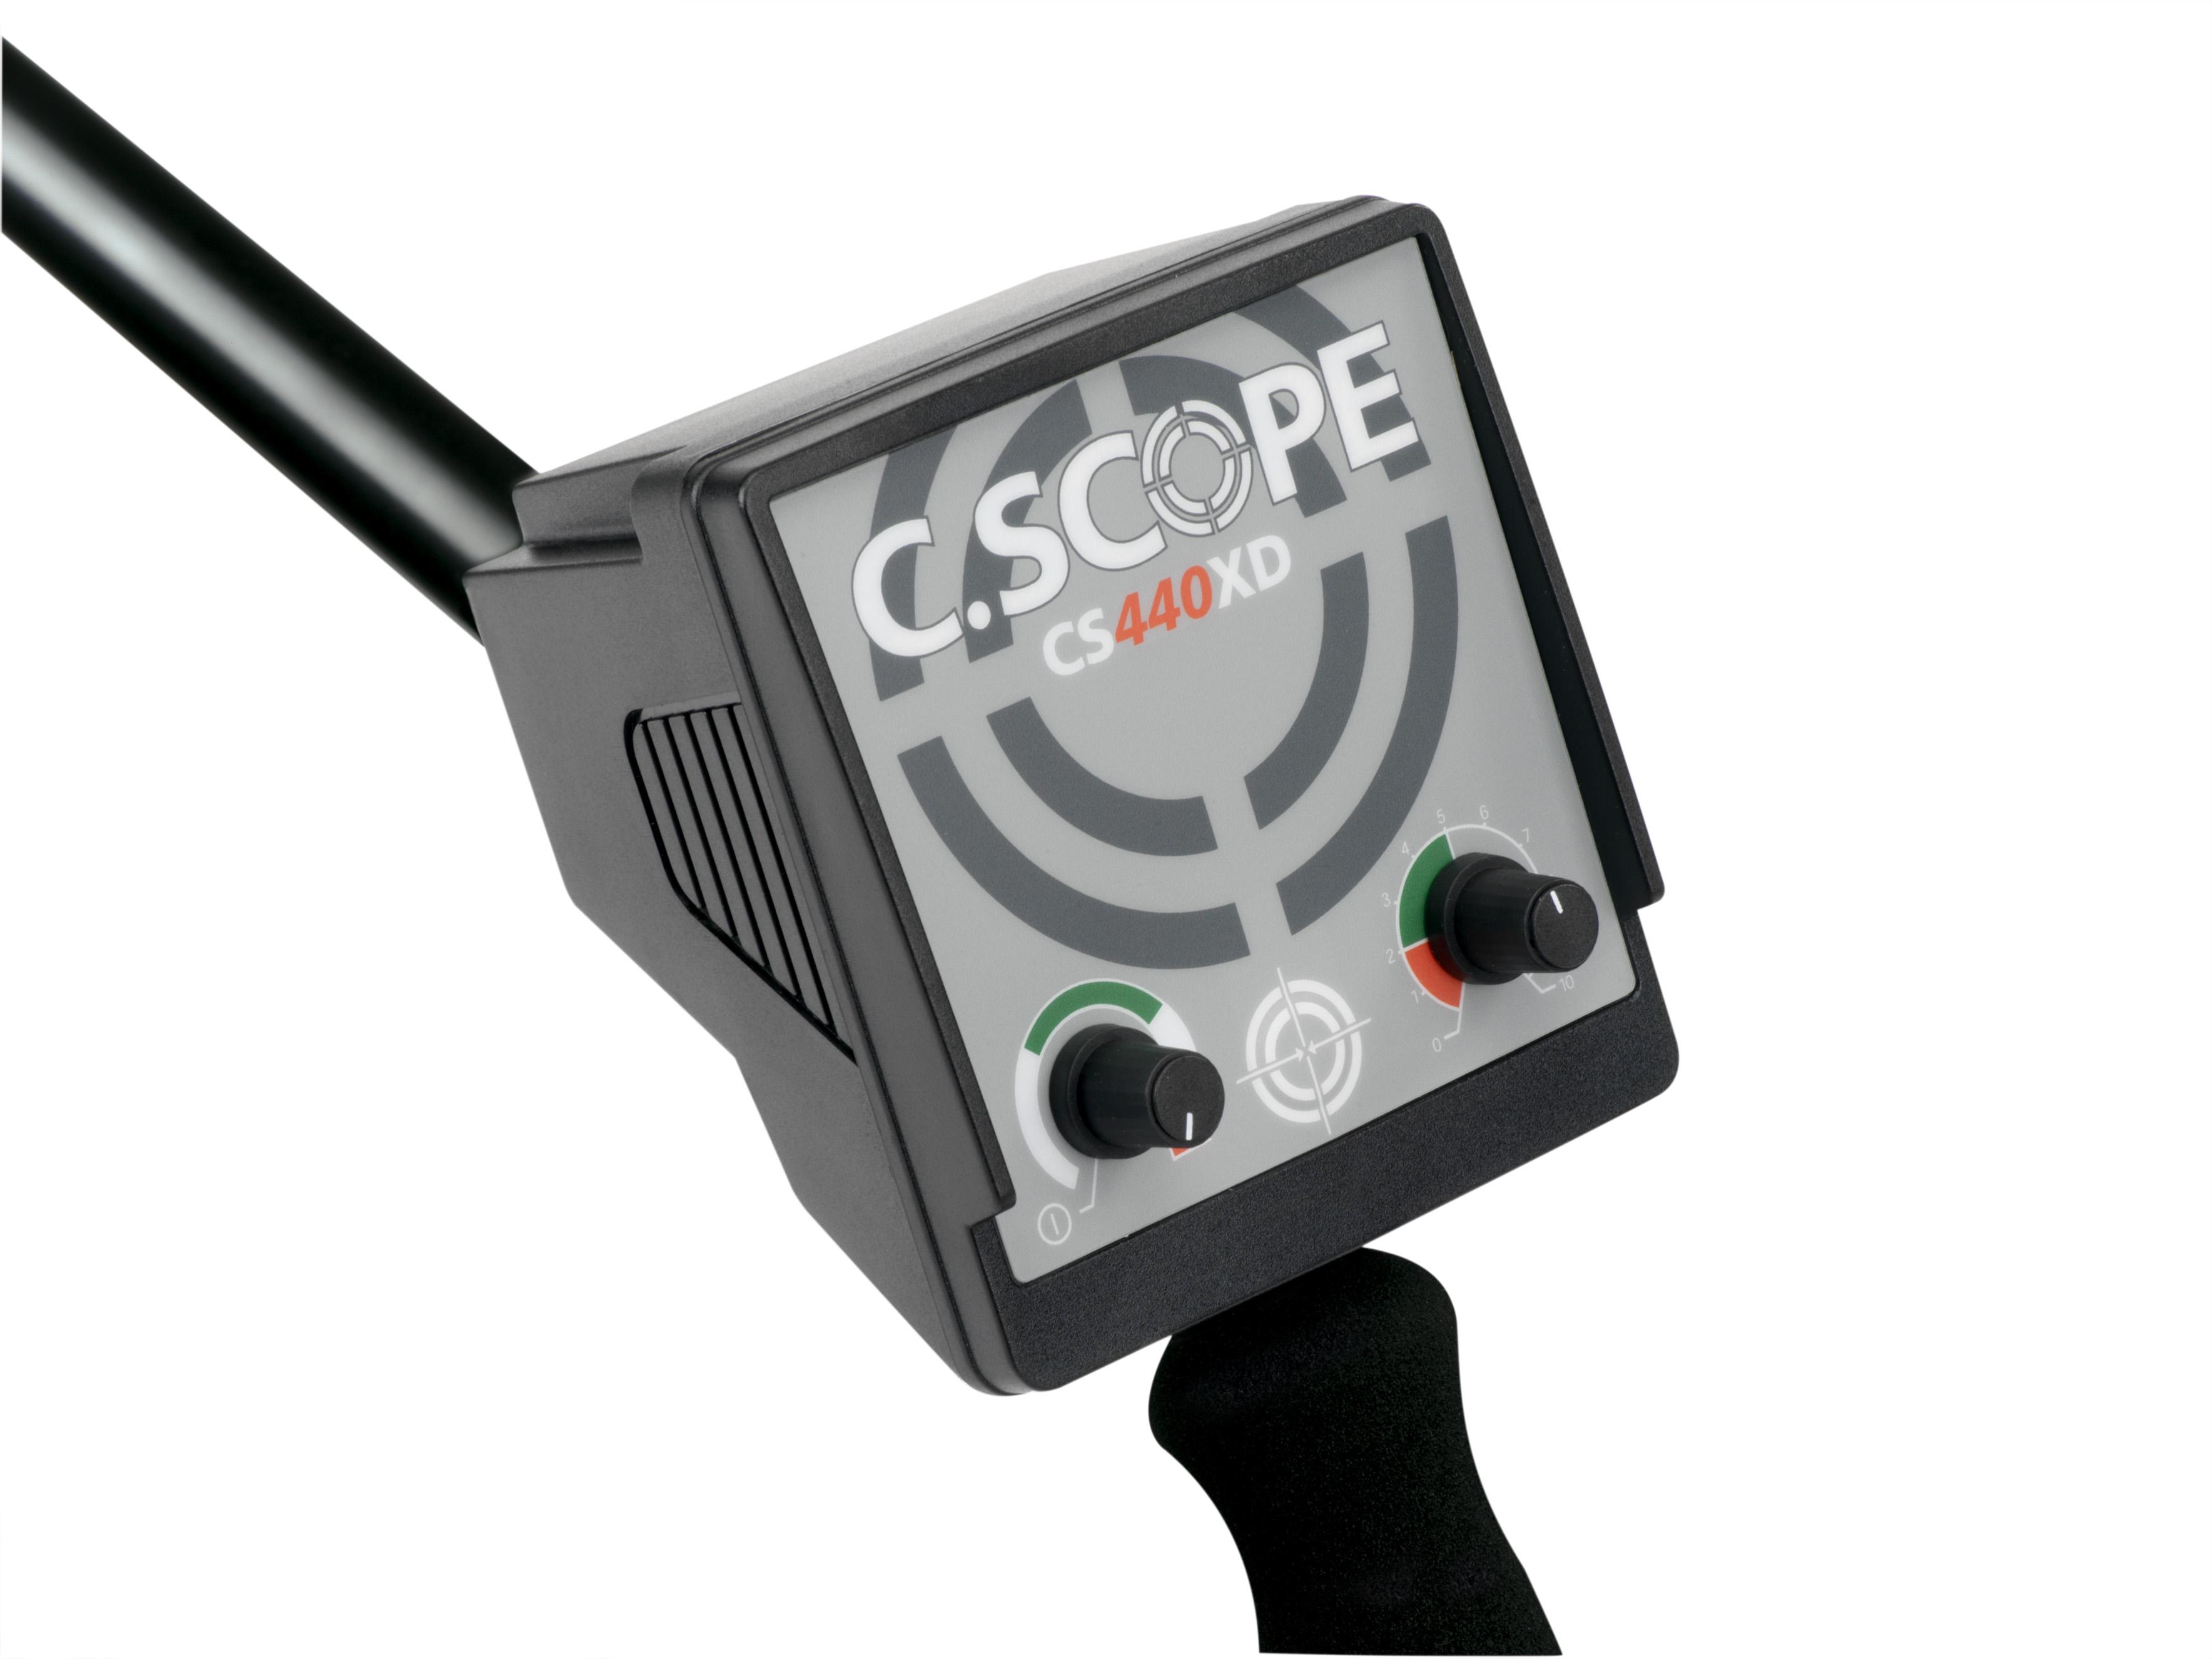 anixneuths metallwn cscope csxd